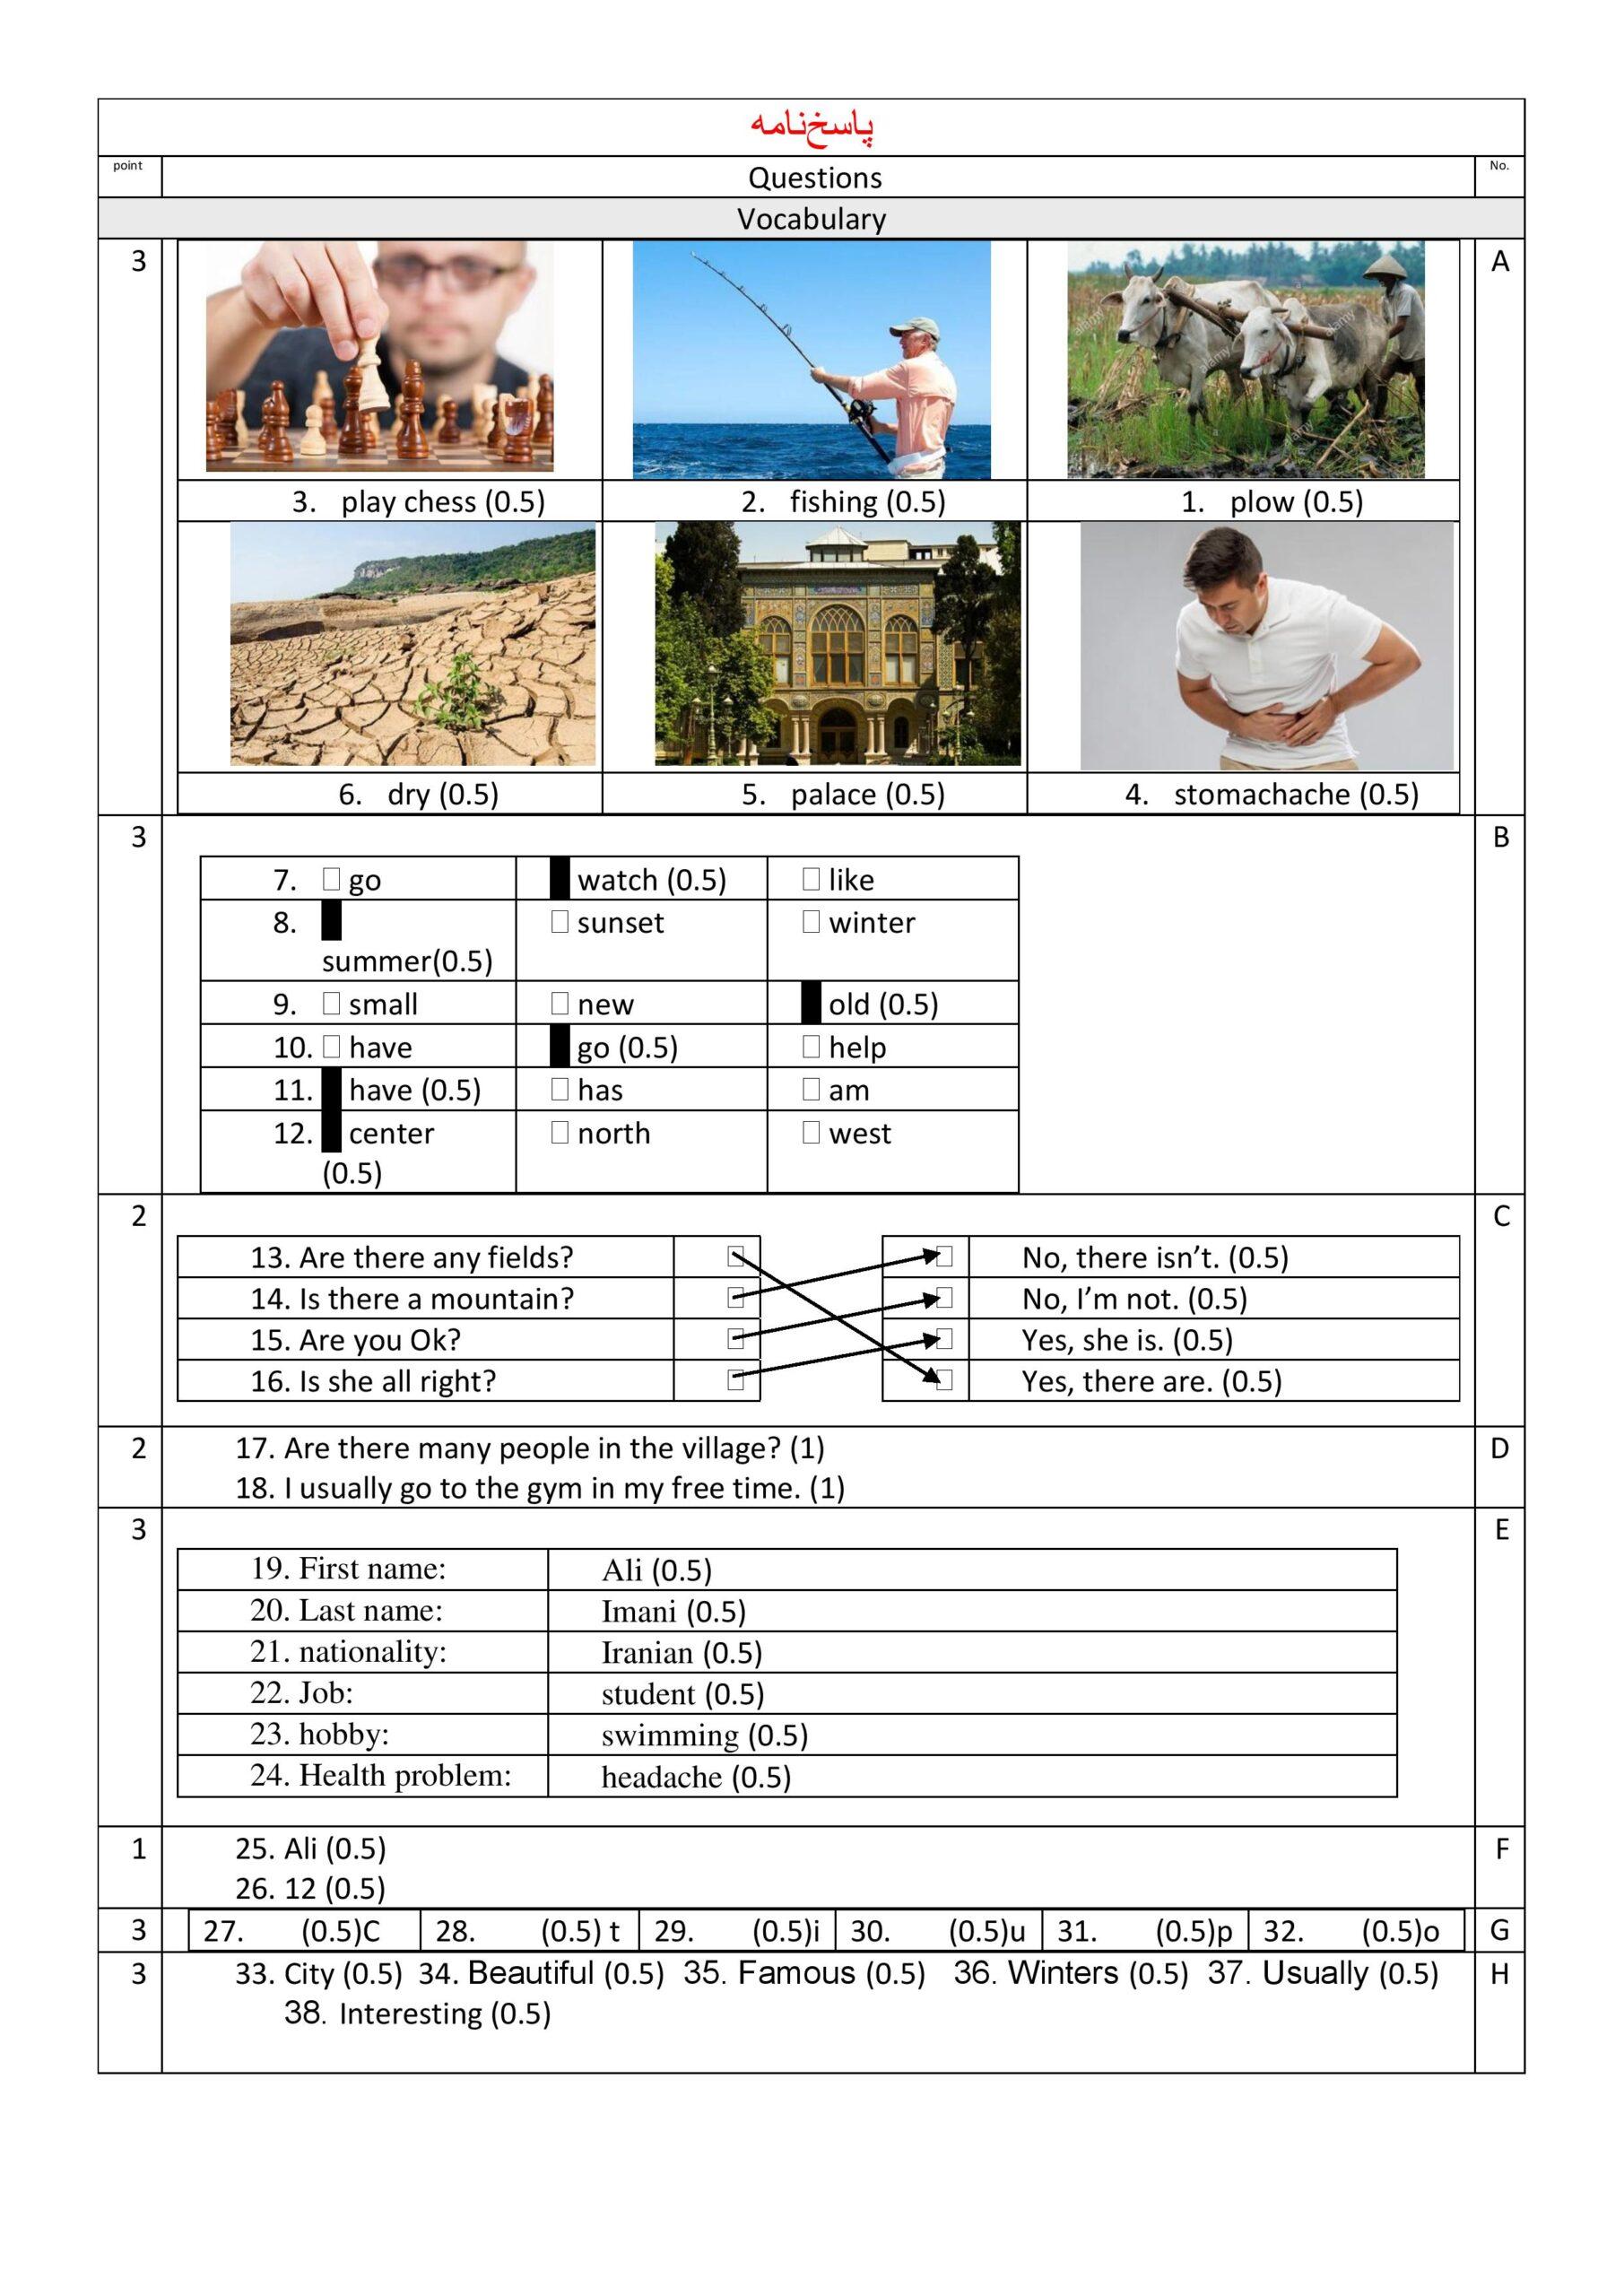 عکس-page-003 (1)